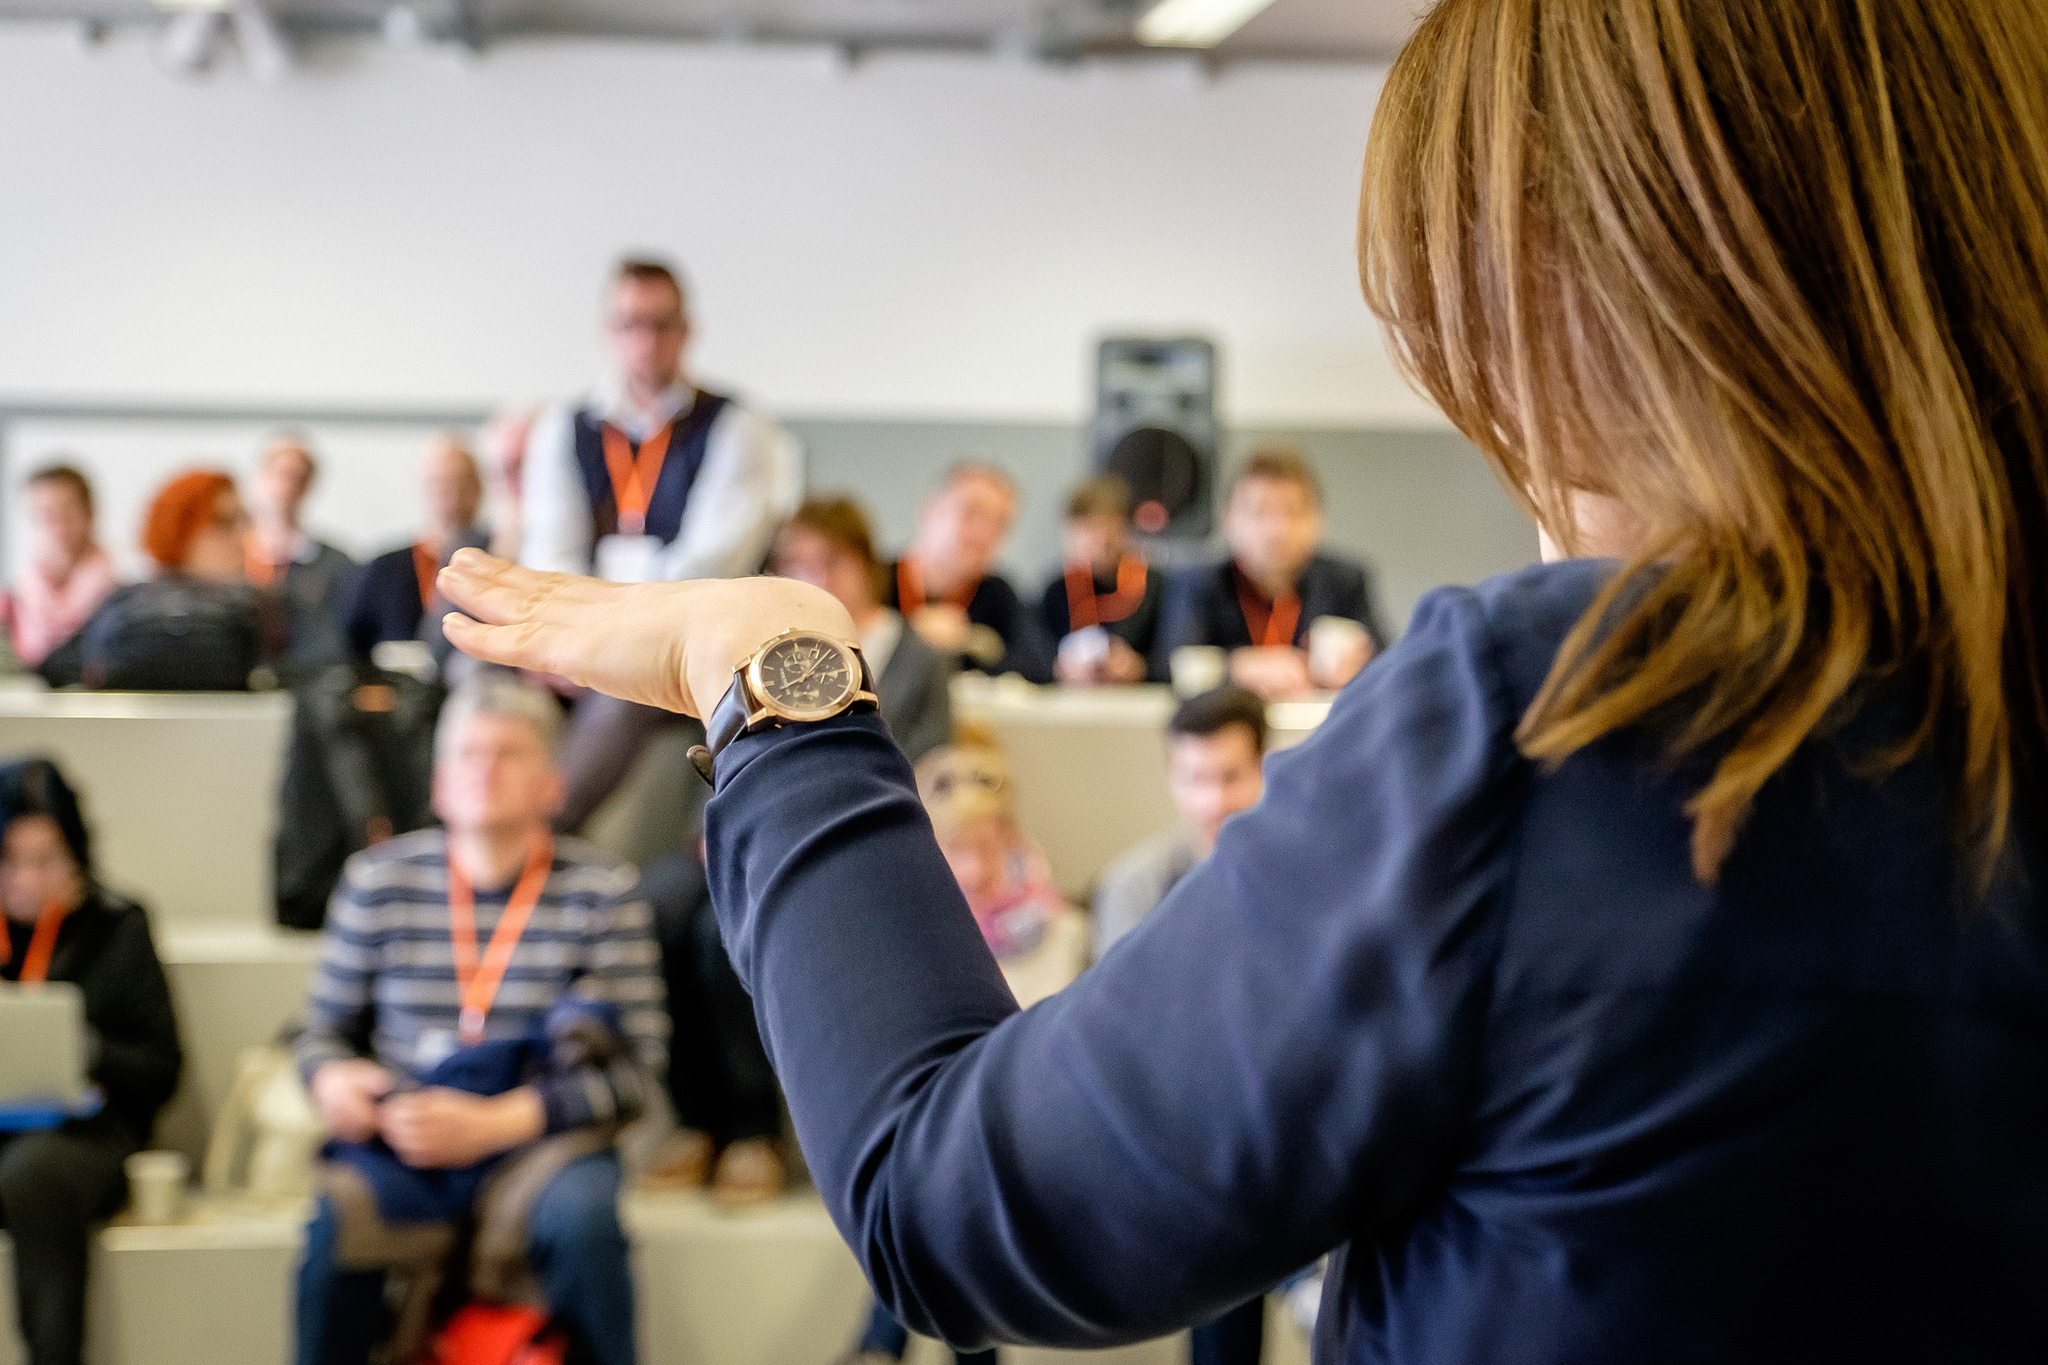 Eine Gebärdensprachdolmetscher gebärdet vor einem Publikum. Man sieht sie von hinten, nur ihre Handbewegung und Hinterkopf.